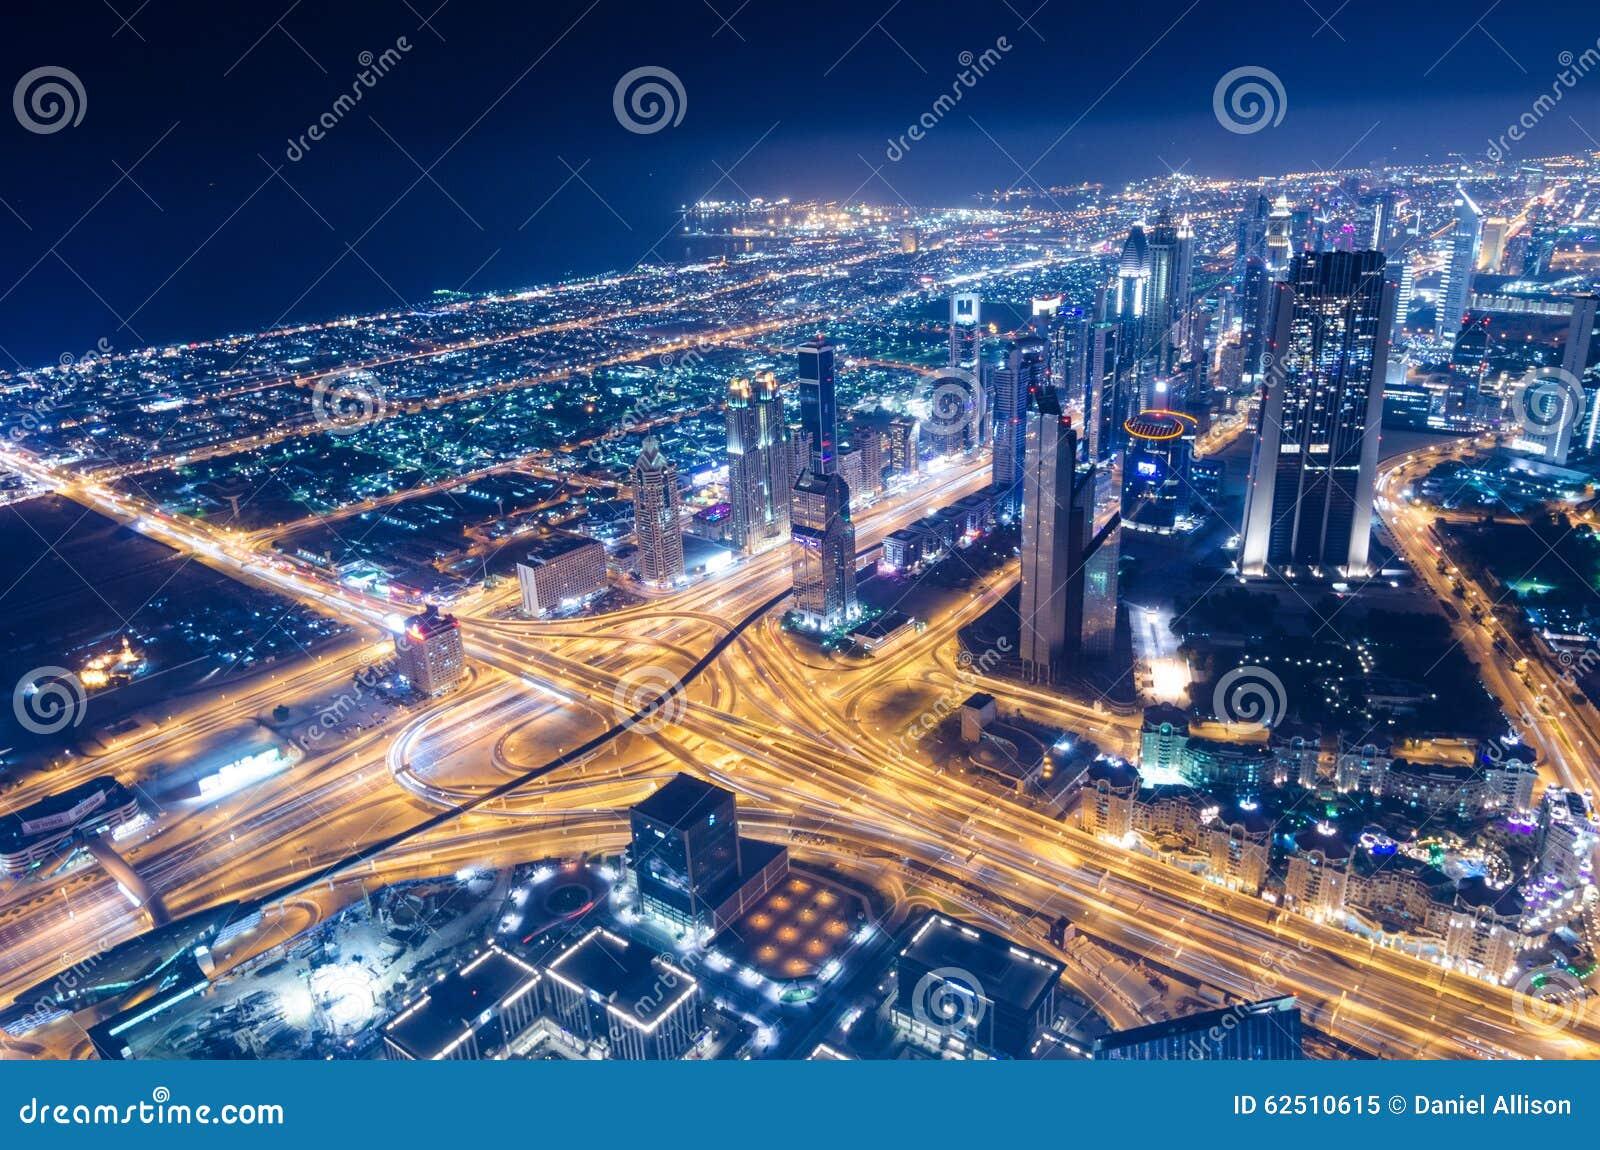 Neonlichter und Scheich im Stadtzentrum gelegener Stadt Dubais futuristischer zayed Straße